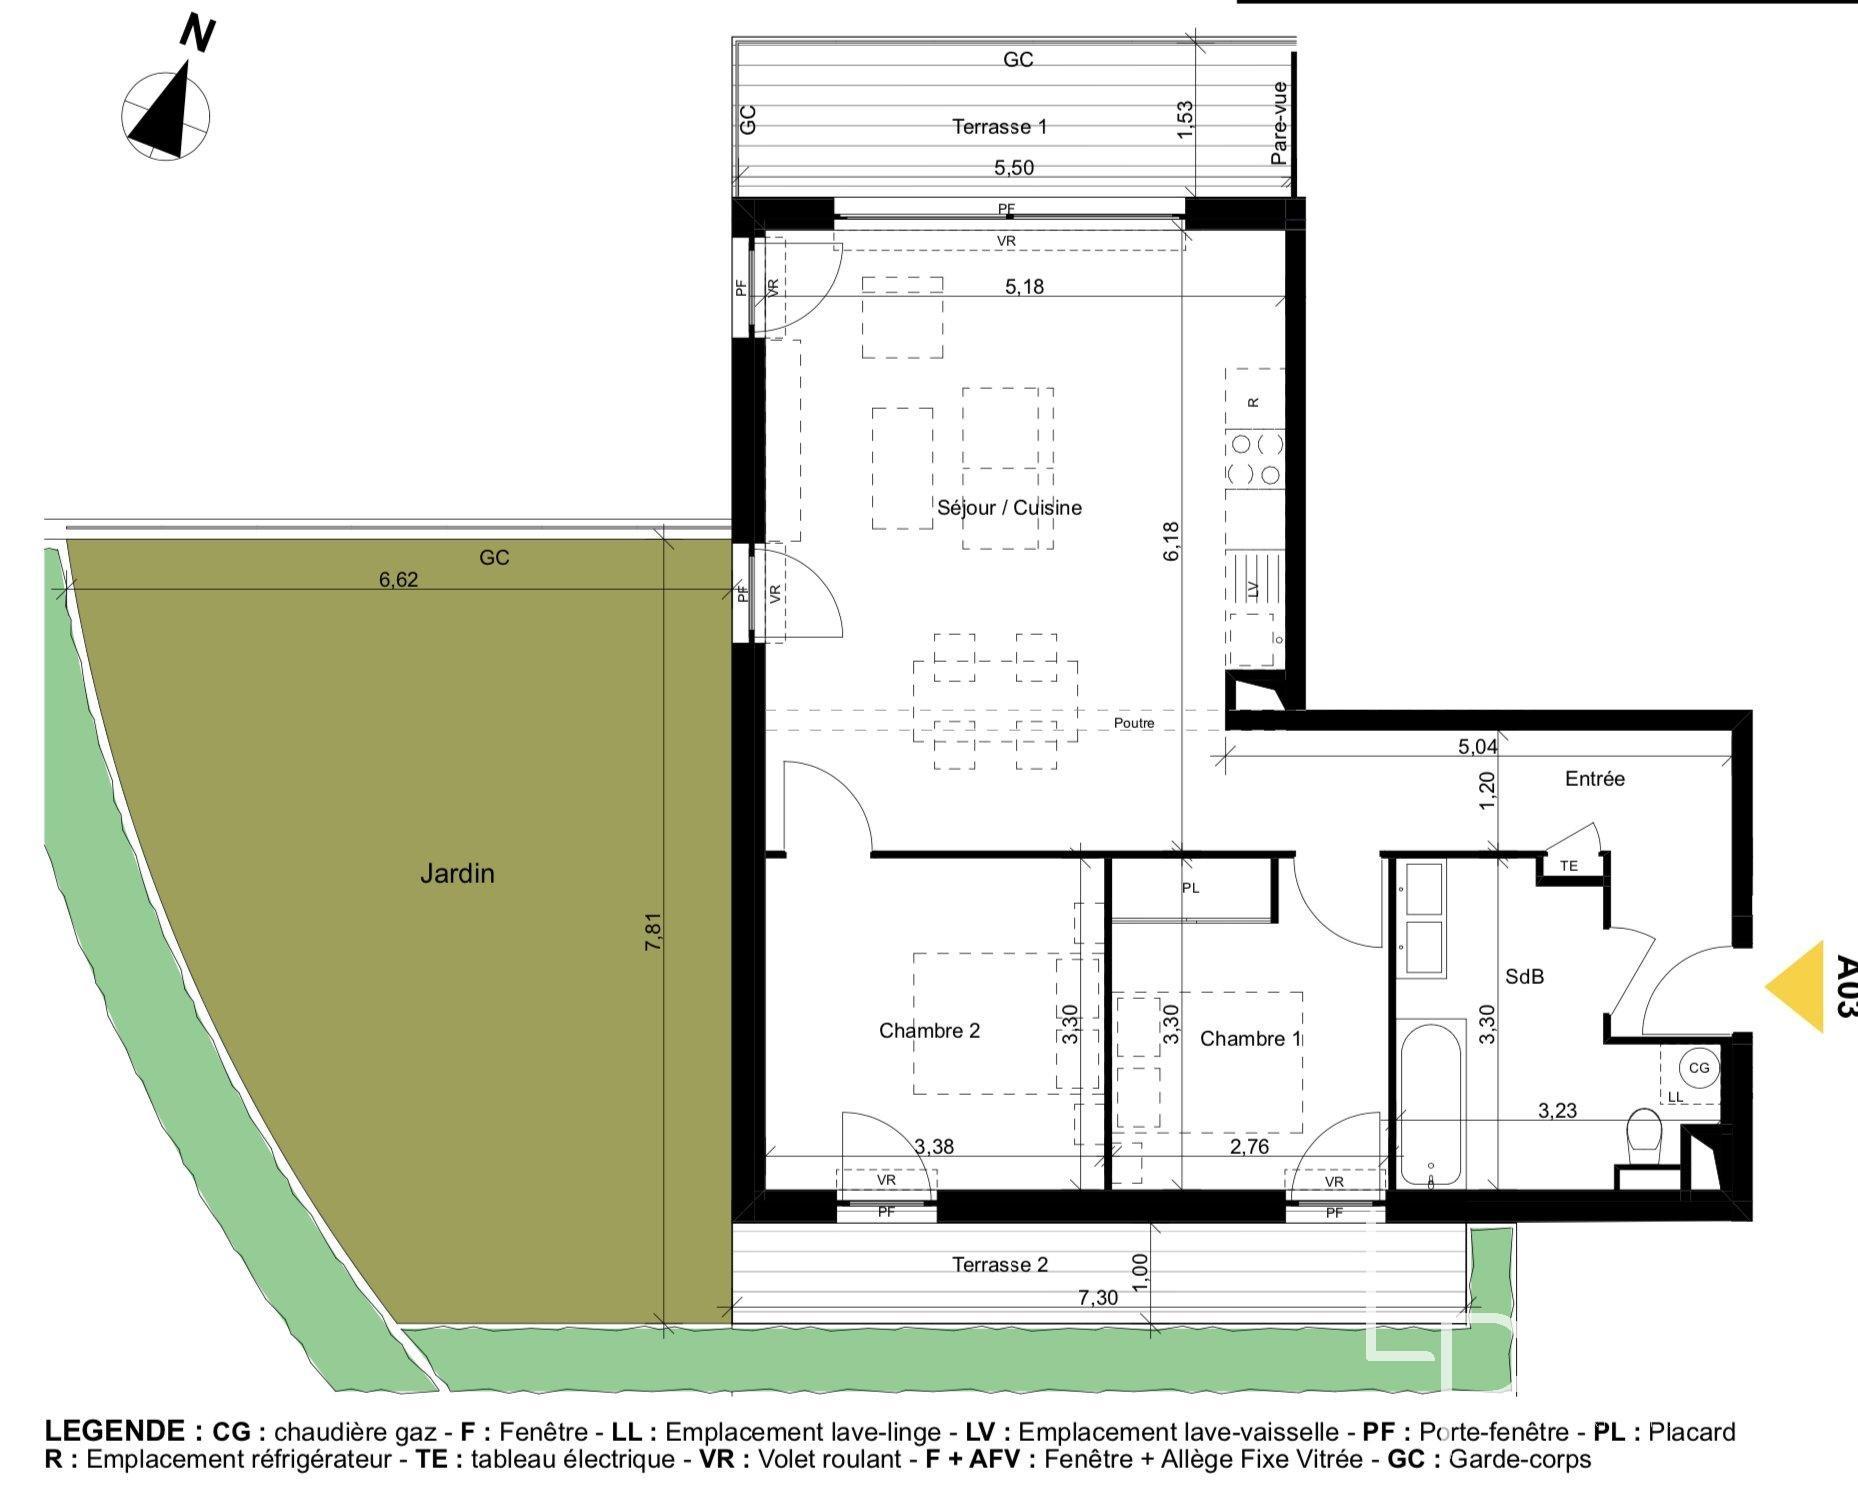 appartement de 67.34 m2 comprenant 3 pièces